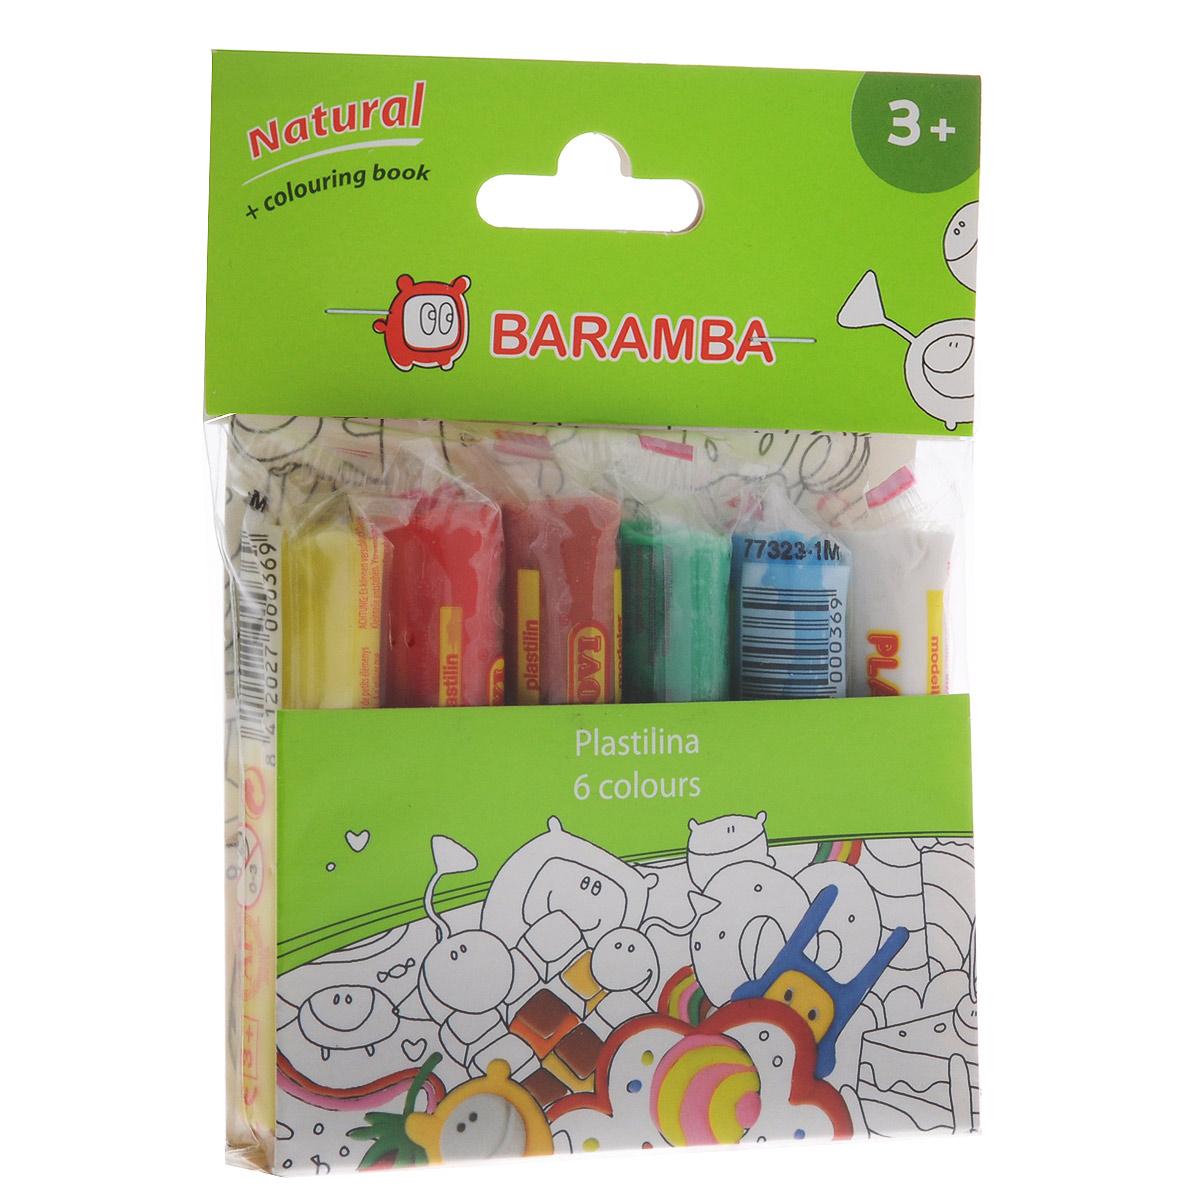 Пластилин Baramba, 6 цветов, с раскраскойB26006Пластилин Baramba с раскраской - это отличная возможность познакомить ребенка с еще одним из видов изобразительного творчества, в котором создаются объемные образы и целые композиции. В набор входит пластилин 6 ярких цветов (белый, голубой, зеленый, коричневый, красный, желтый). Цвета пластилина легко смешиваются между собой, и таким образом можно получить новые оттенки. Пластилин на растительной основе, очень мягкий, содержит натуральные масла и воск, легко смешивается друг с другом и не липнет к рукам.Техника лепки богата и разнообразна, но при этом доступна даже маленьким детям. В комплект также входит раскраска с изображением, которое малыш сможет раскрасить с помощью пластилина. Занятие лепкой не только увлекательно, но и полезно для ребенка. Оно способствует развитию творческого и пространственного мышления, восприятия формы, фактуры, цвета и веса, развивает воображение и мелкую моторику.